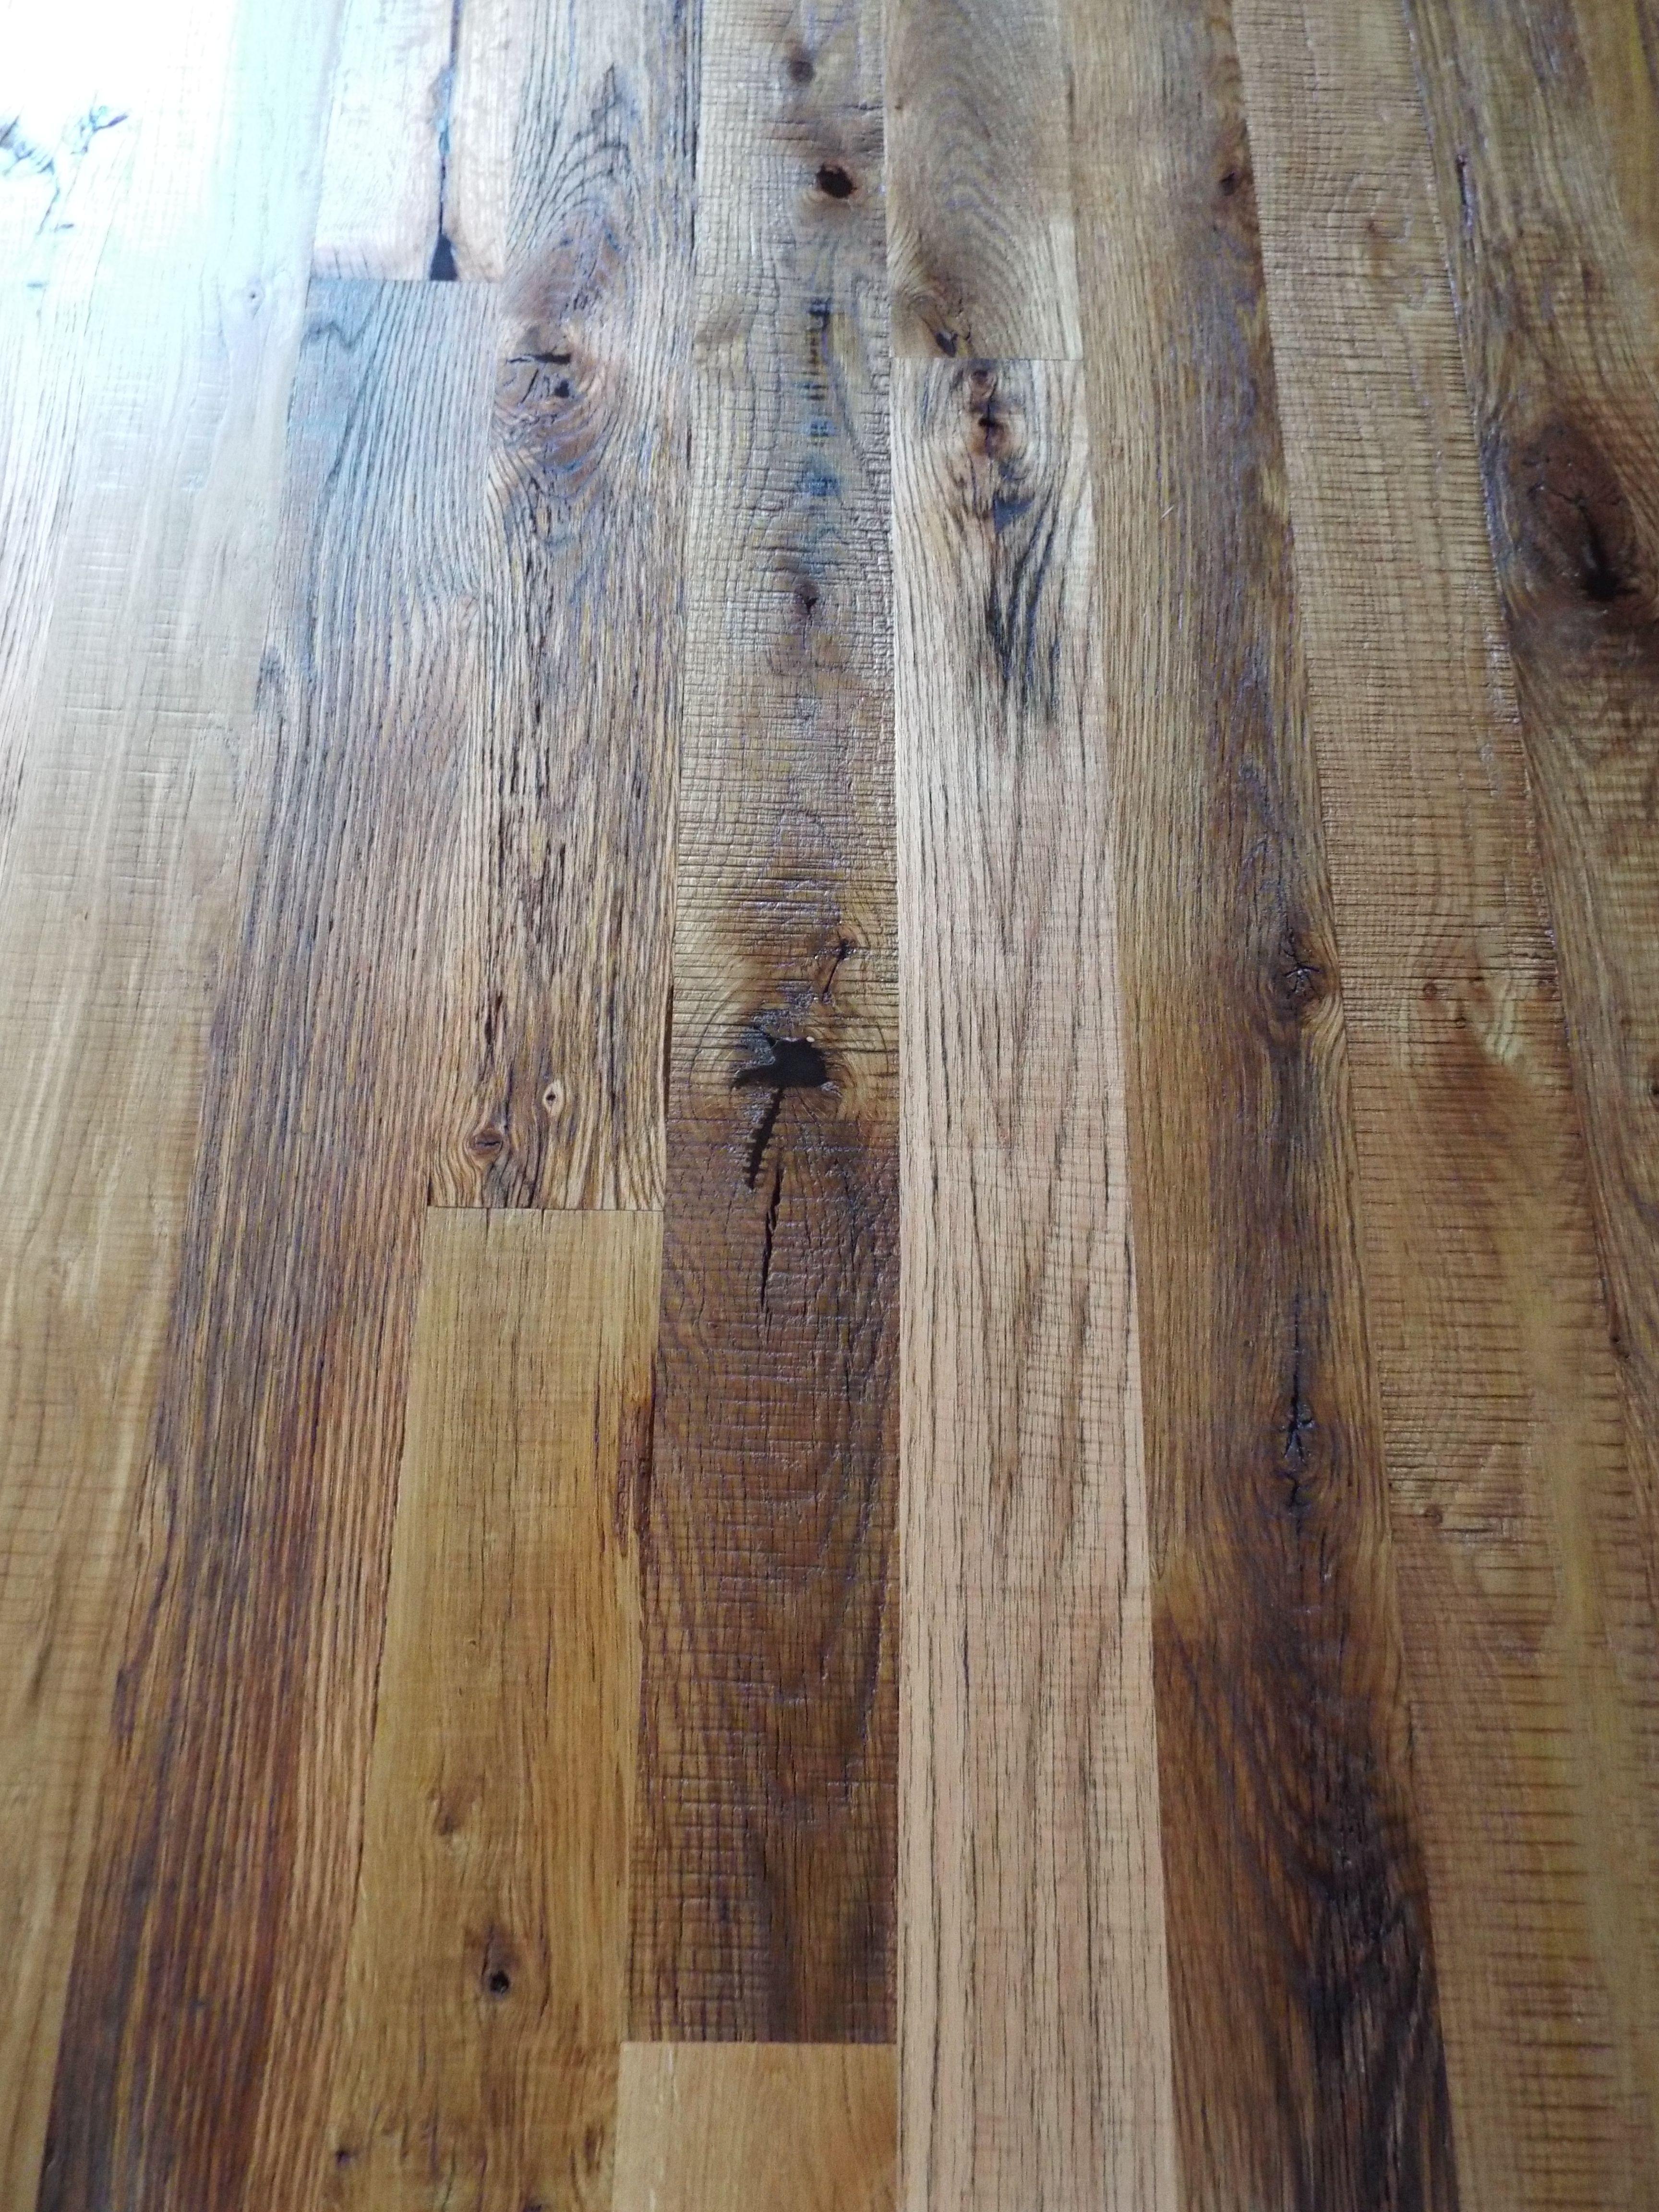 hardwood flooring installation kansas city of wood floor installation service fake wood laminate maple flooring within wood floor installation service pin by harbour hardwood floors on wood floors pinterest